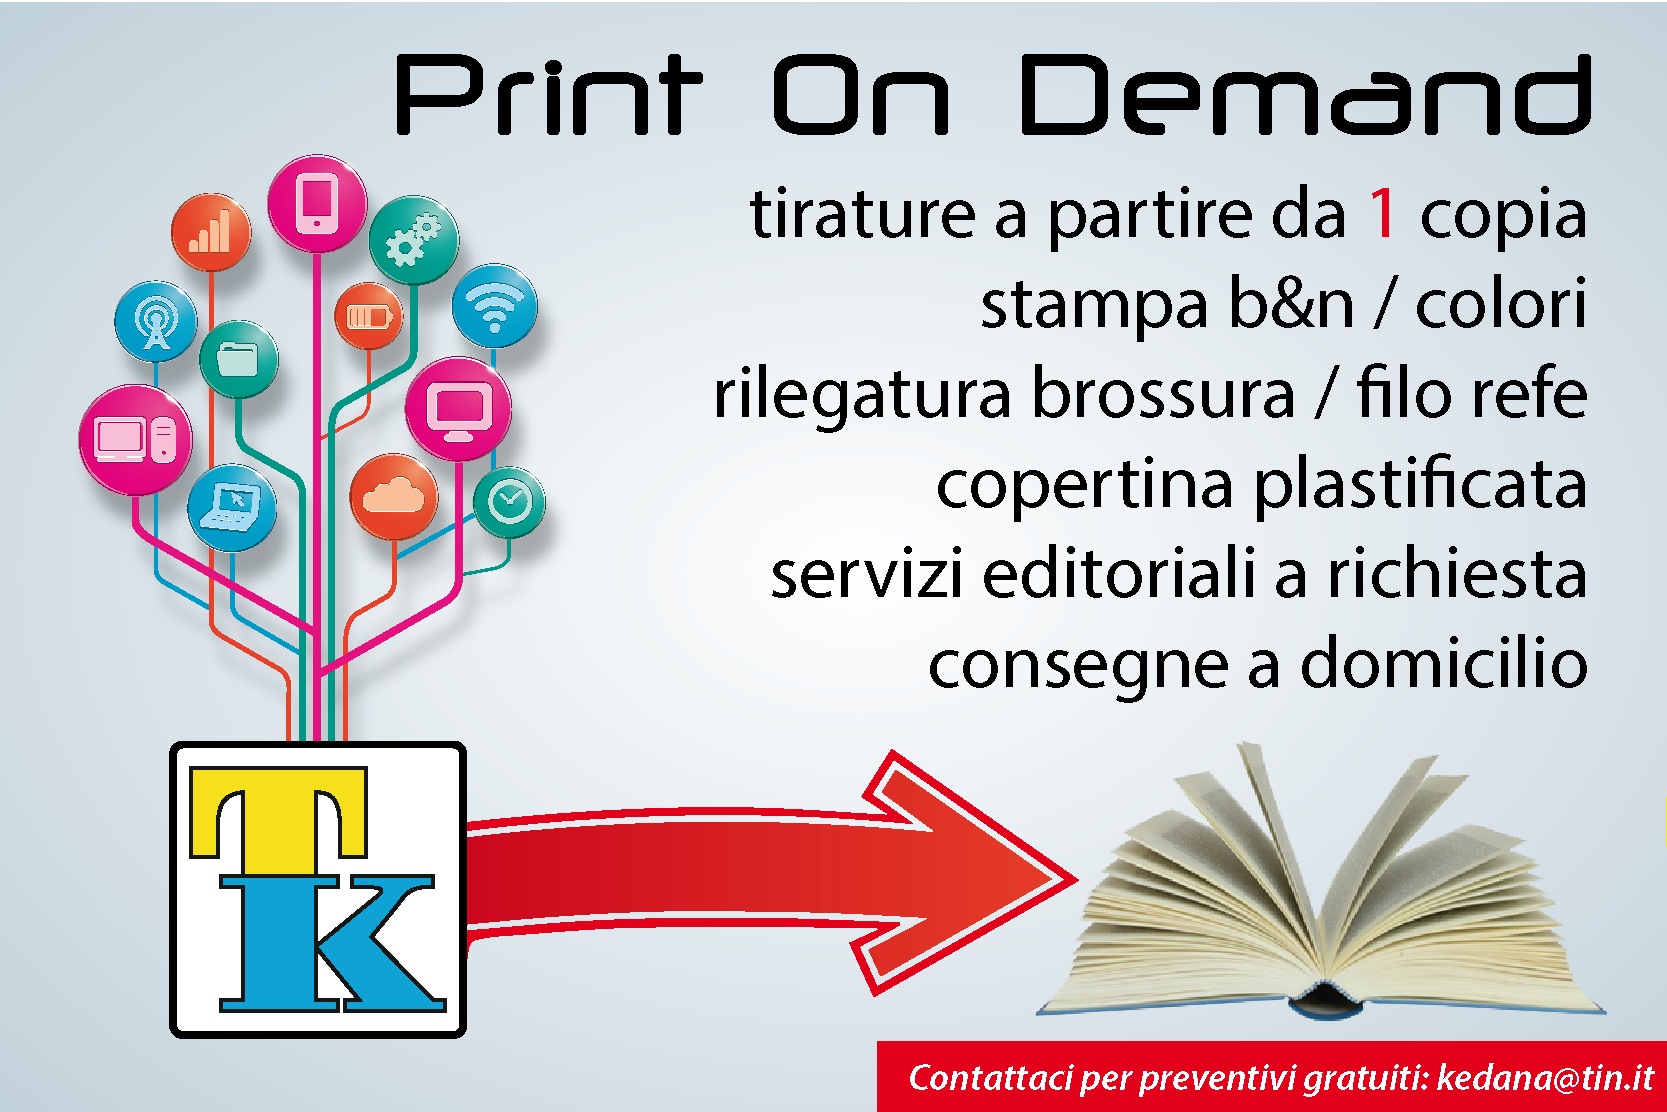 Casa Editrice Edizioni Paguro - 089821723 Vuoi pubblicare il tuo libro Pubblica il tuo libro  jonathan editrice casa editore de